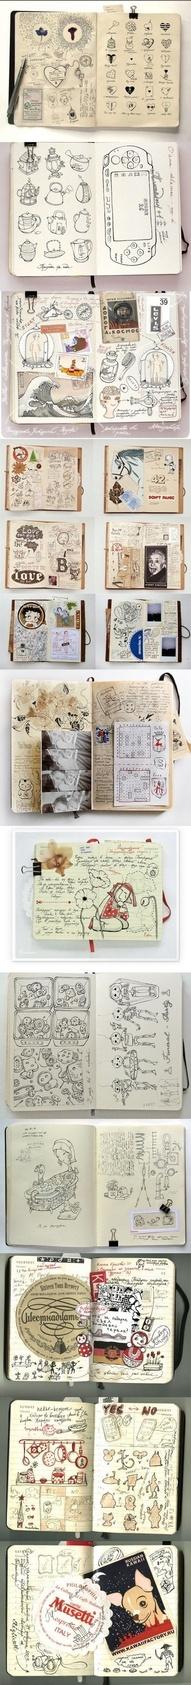 Sketchbooks ...